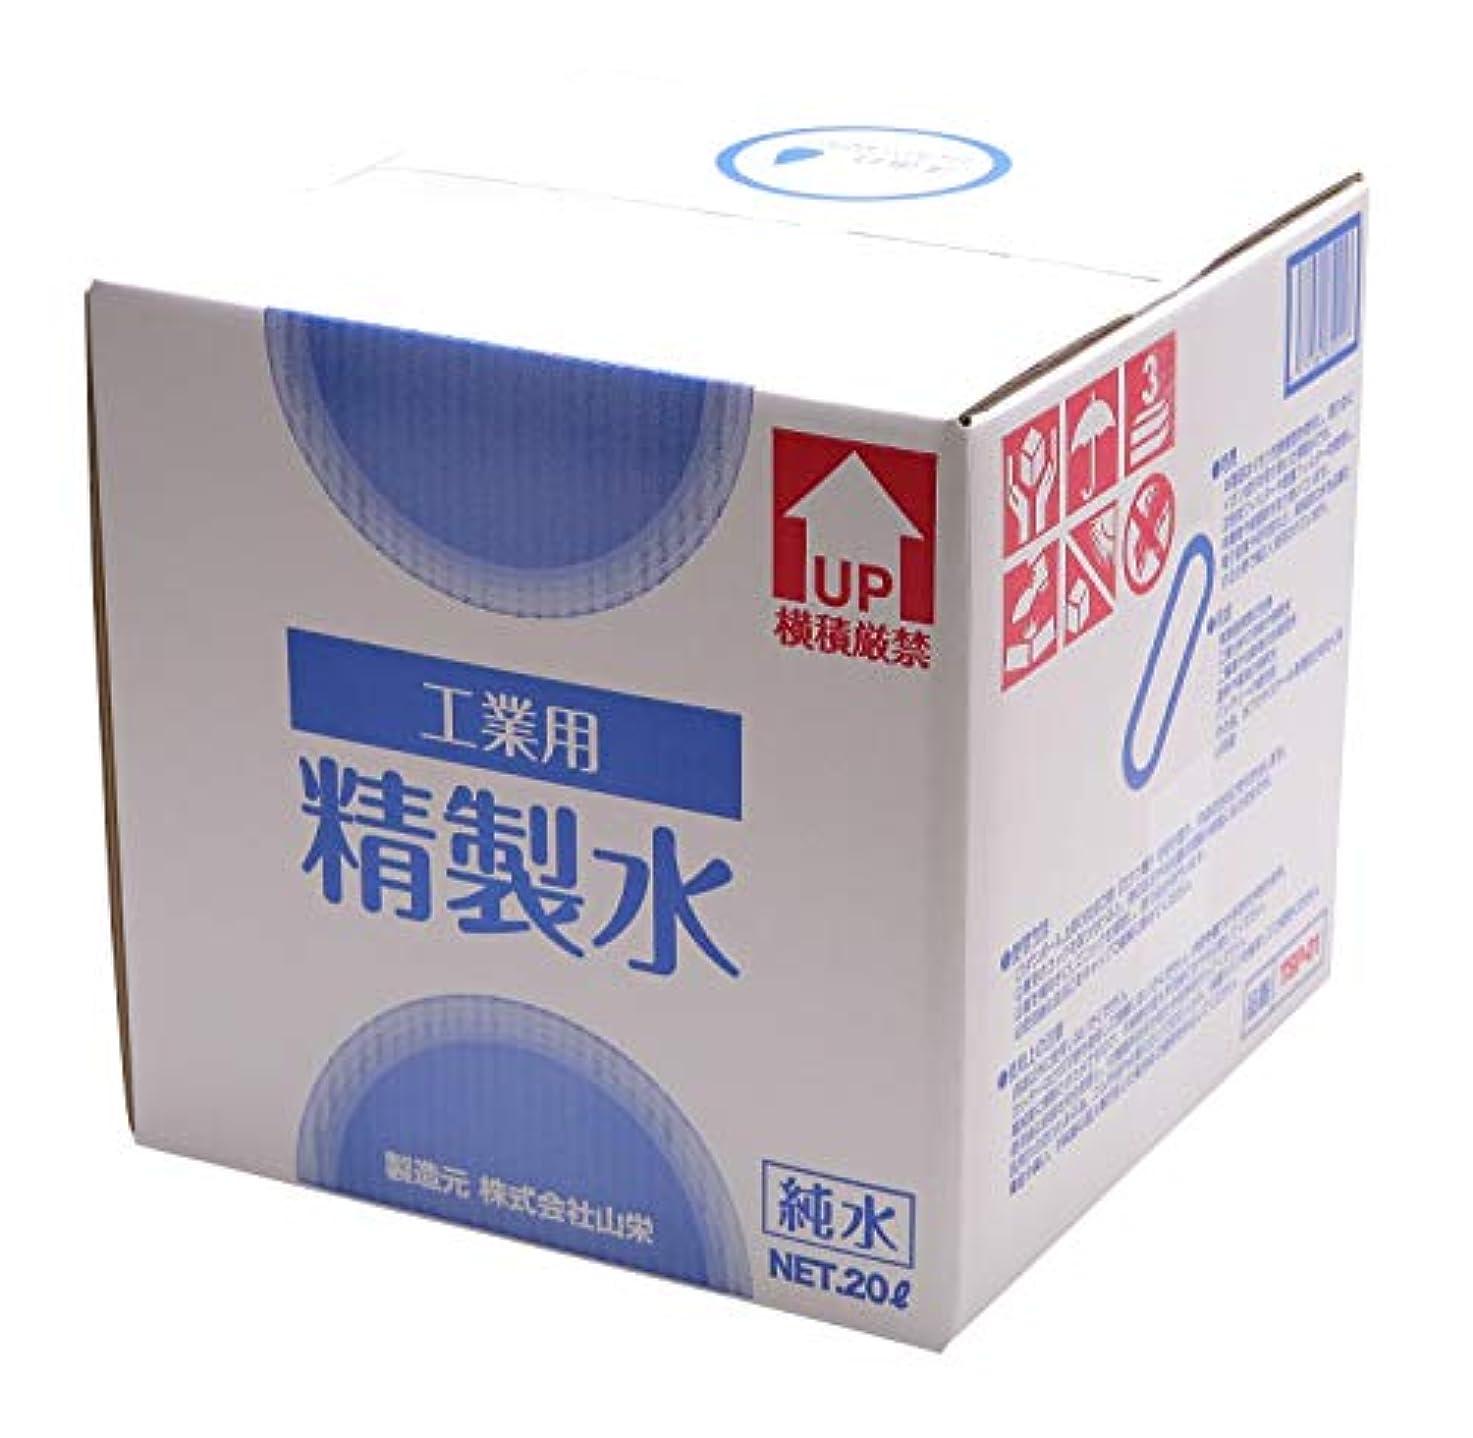 コテージジャケット紳士サンエイ化学 工業用 精製水 純水 20L×10箱 コック付き